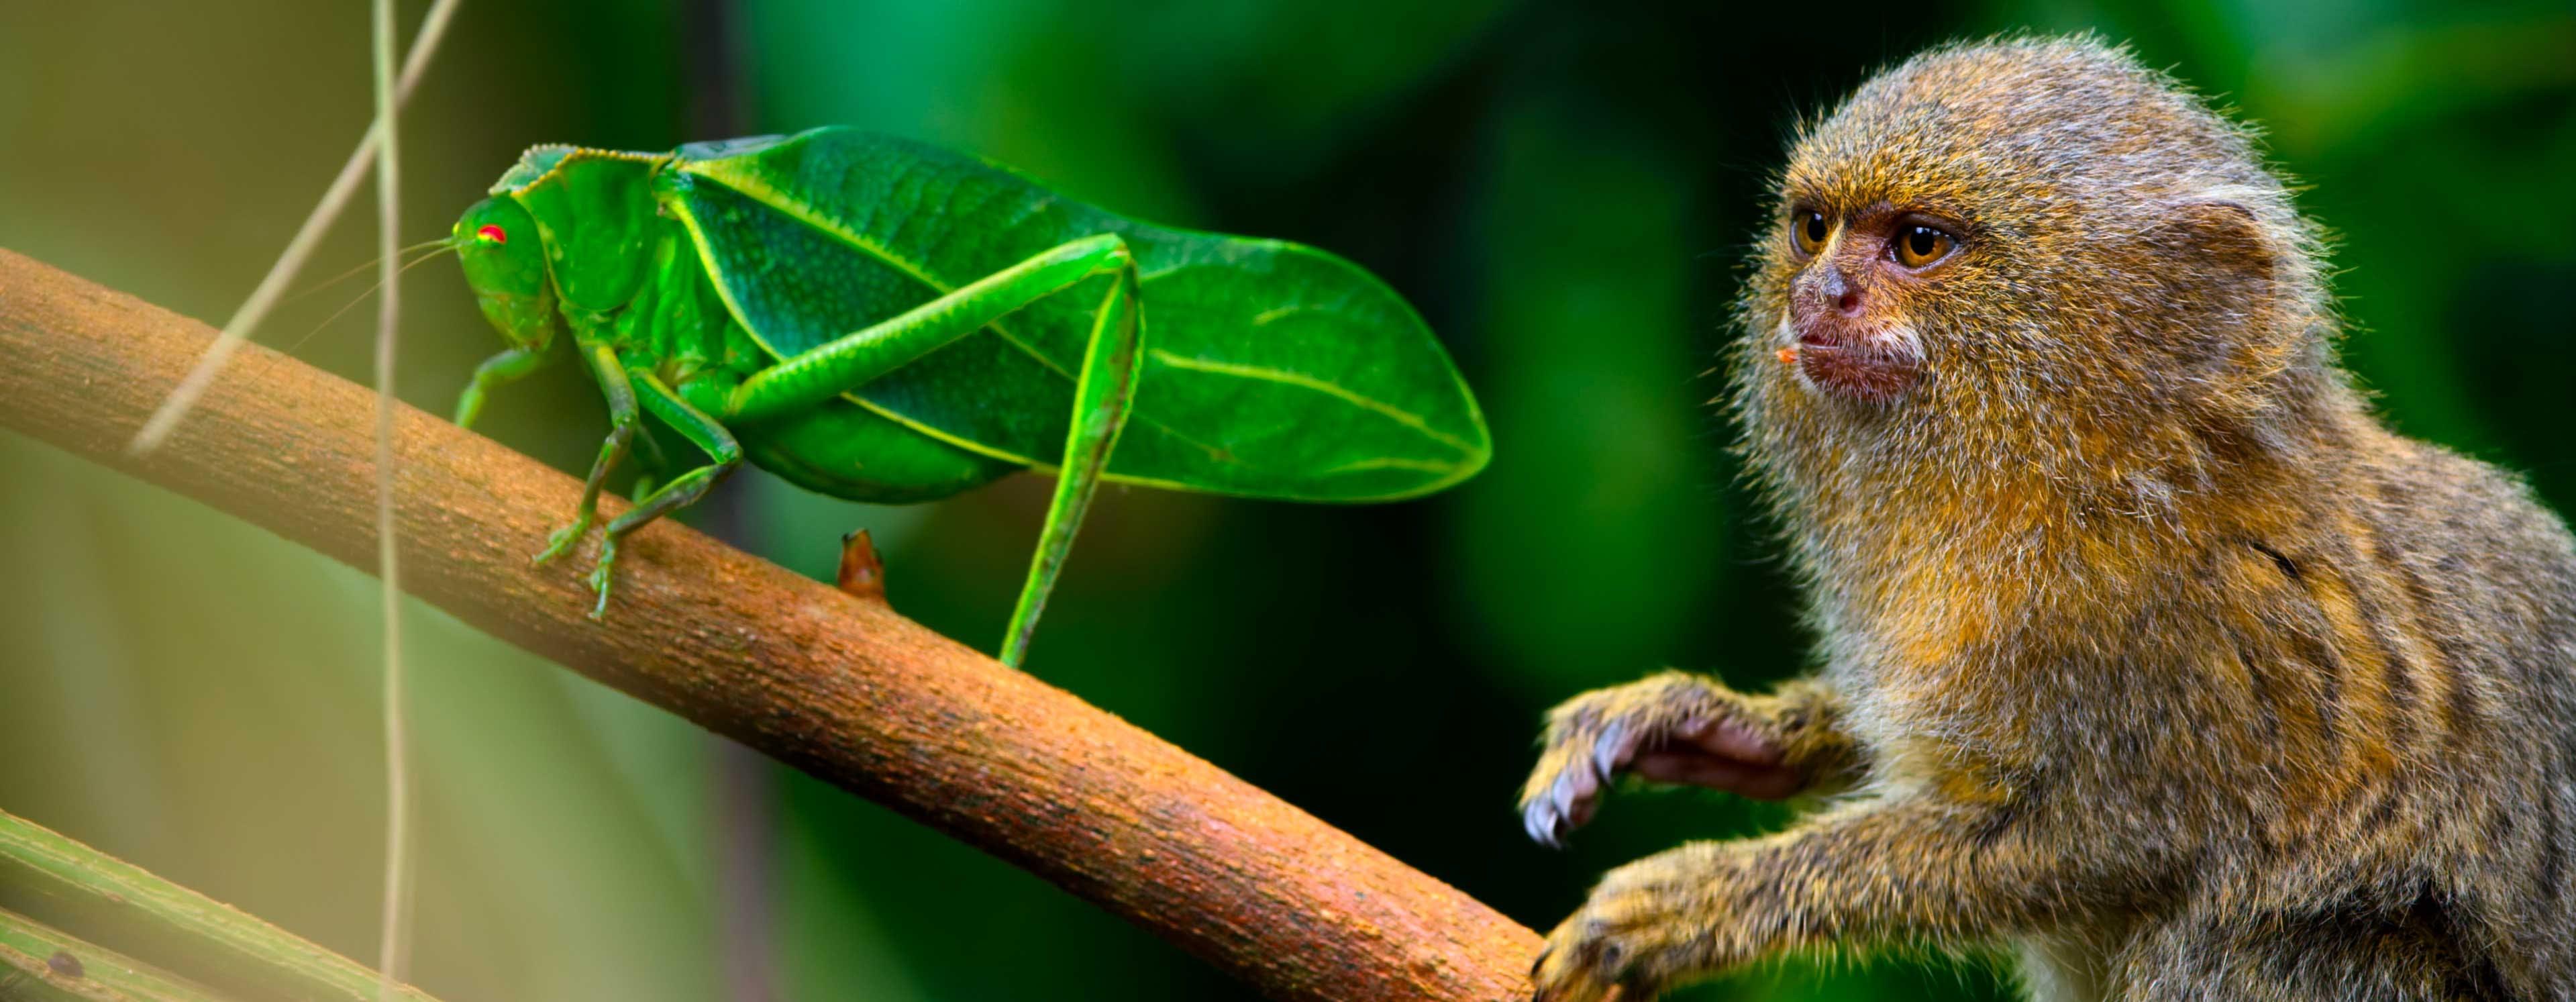 I segreti di Tiny World, le più piccole creature del pianeta in 4K HDR con una qualità davvero eccezionale